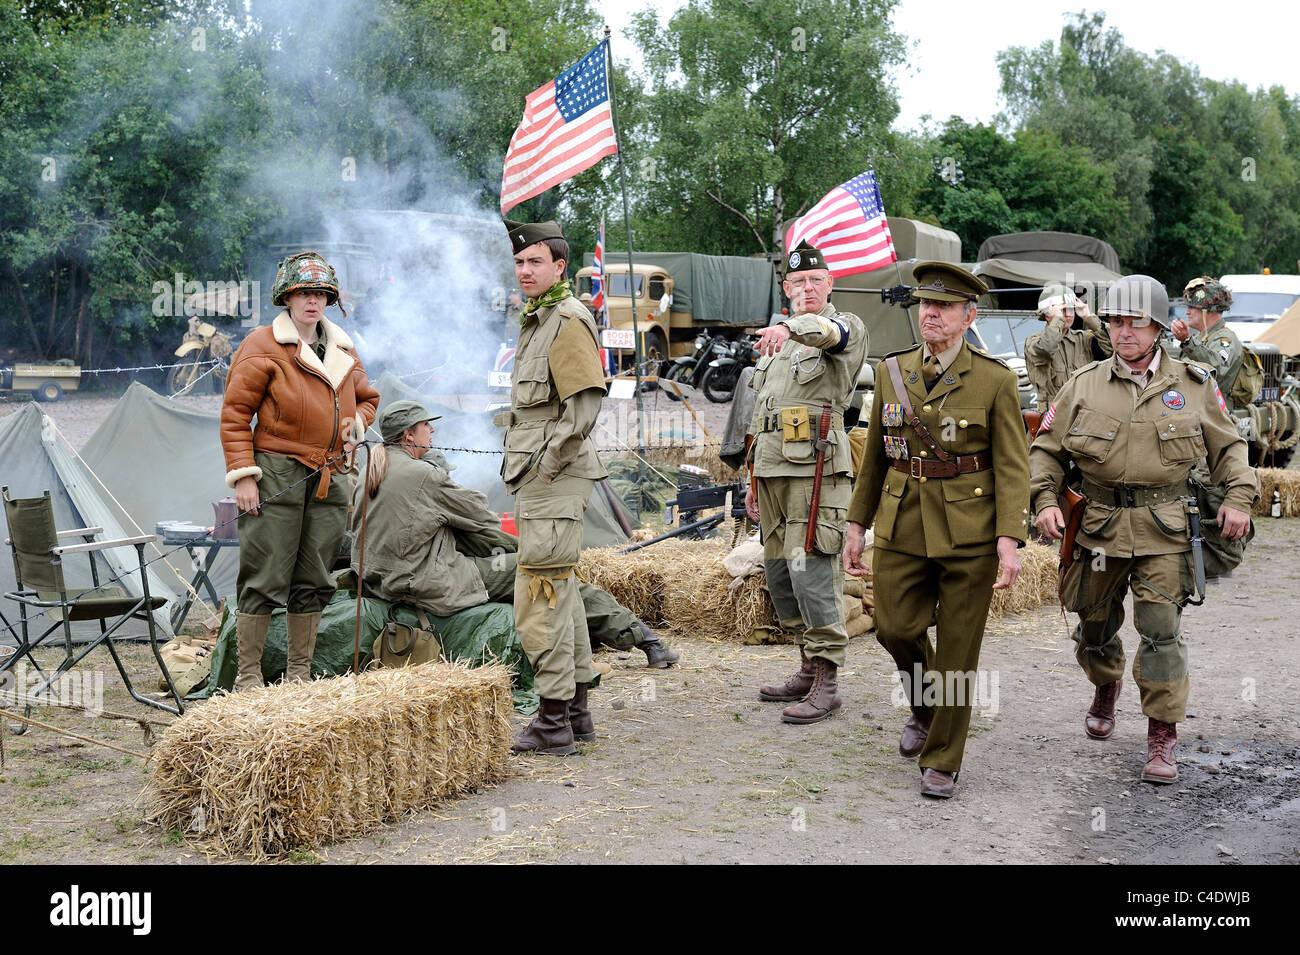 British Army Reenactment Stock Photos & British Army